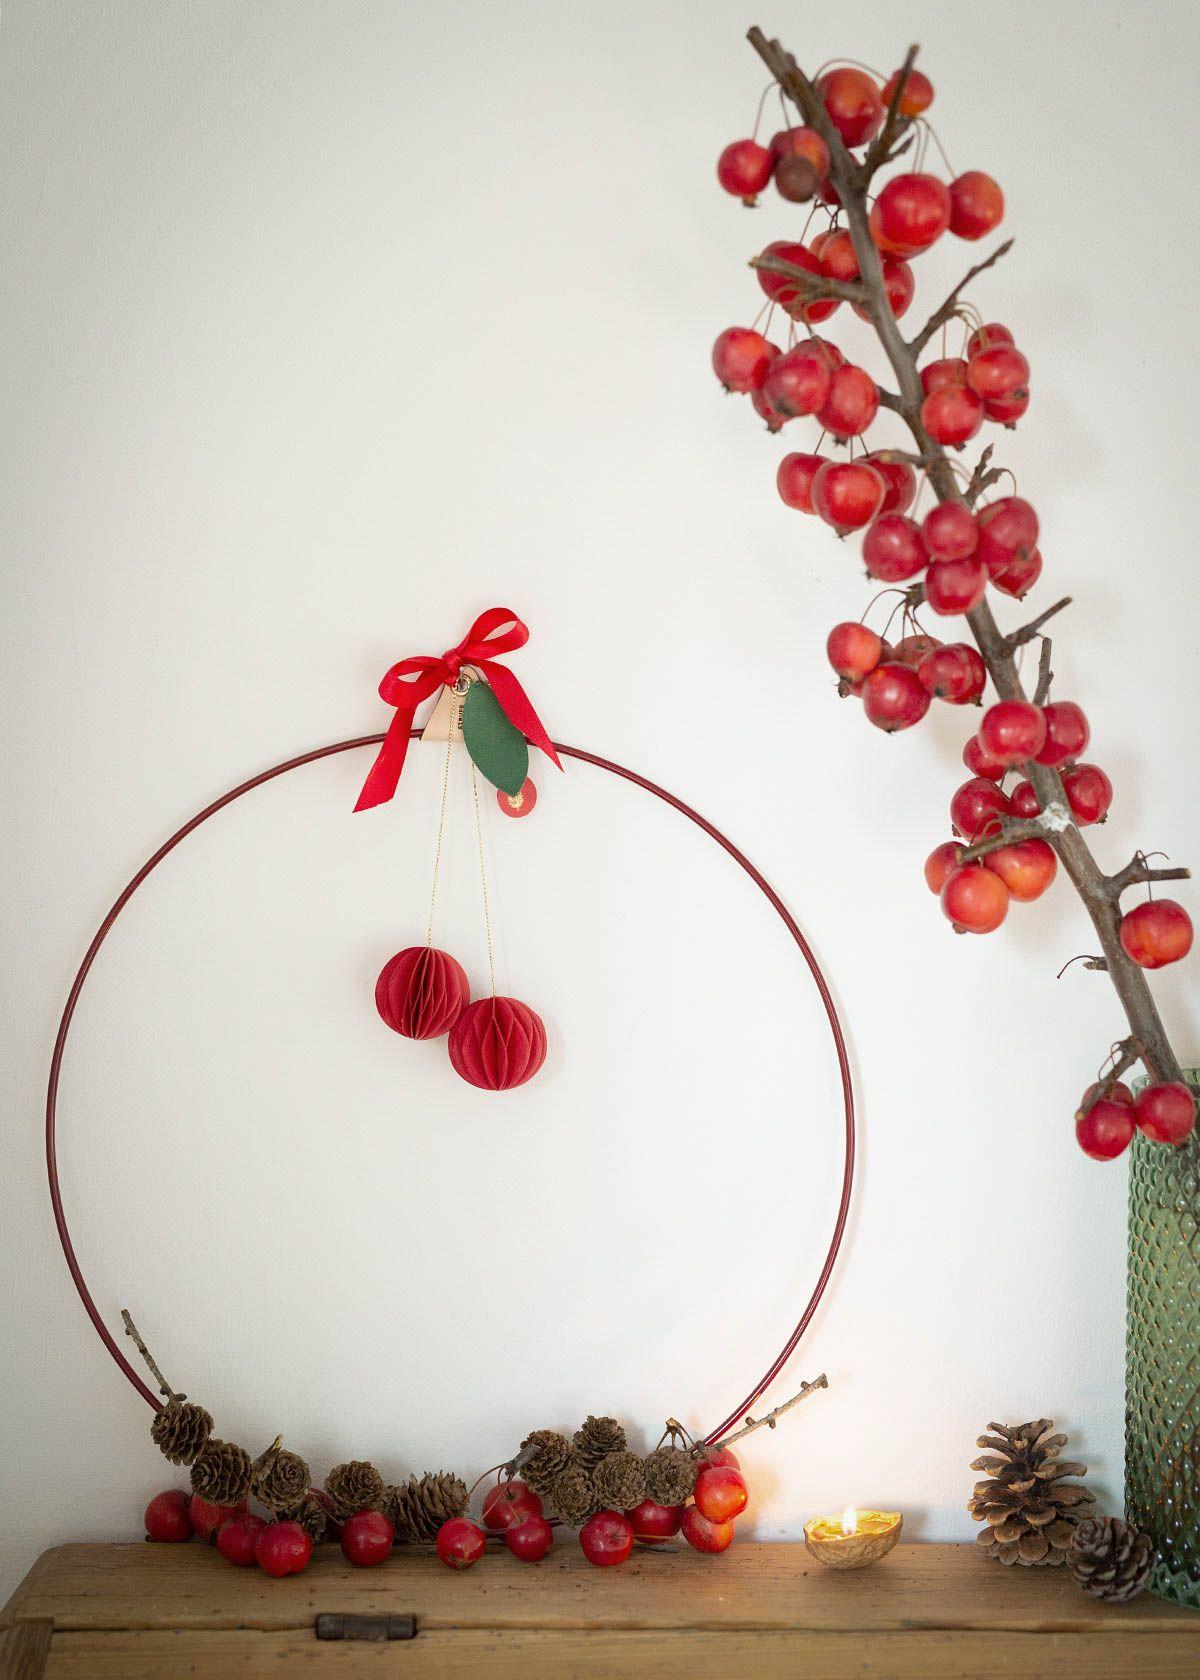 rot-grüne weihnachtsdeko mit äpfeln und nüssen - Wunderschön gemacht #weihnachtsdeko2019trend